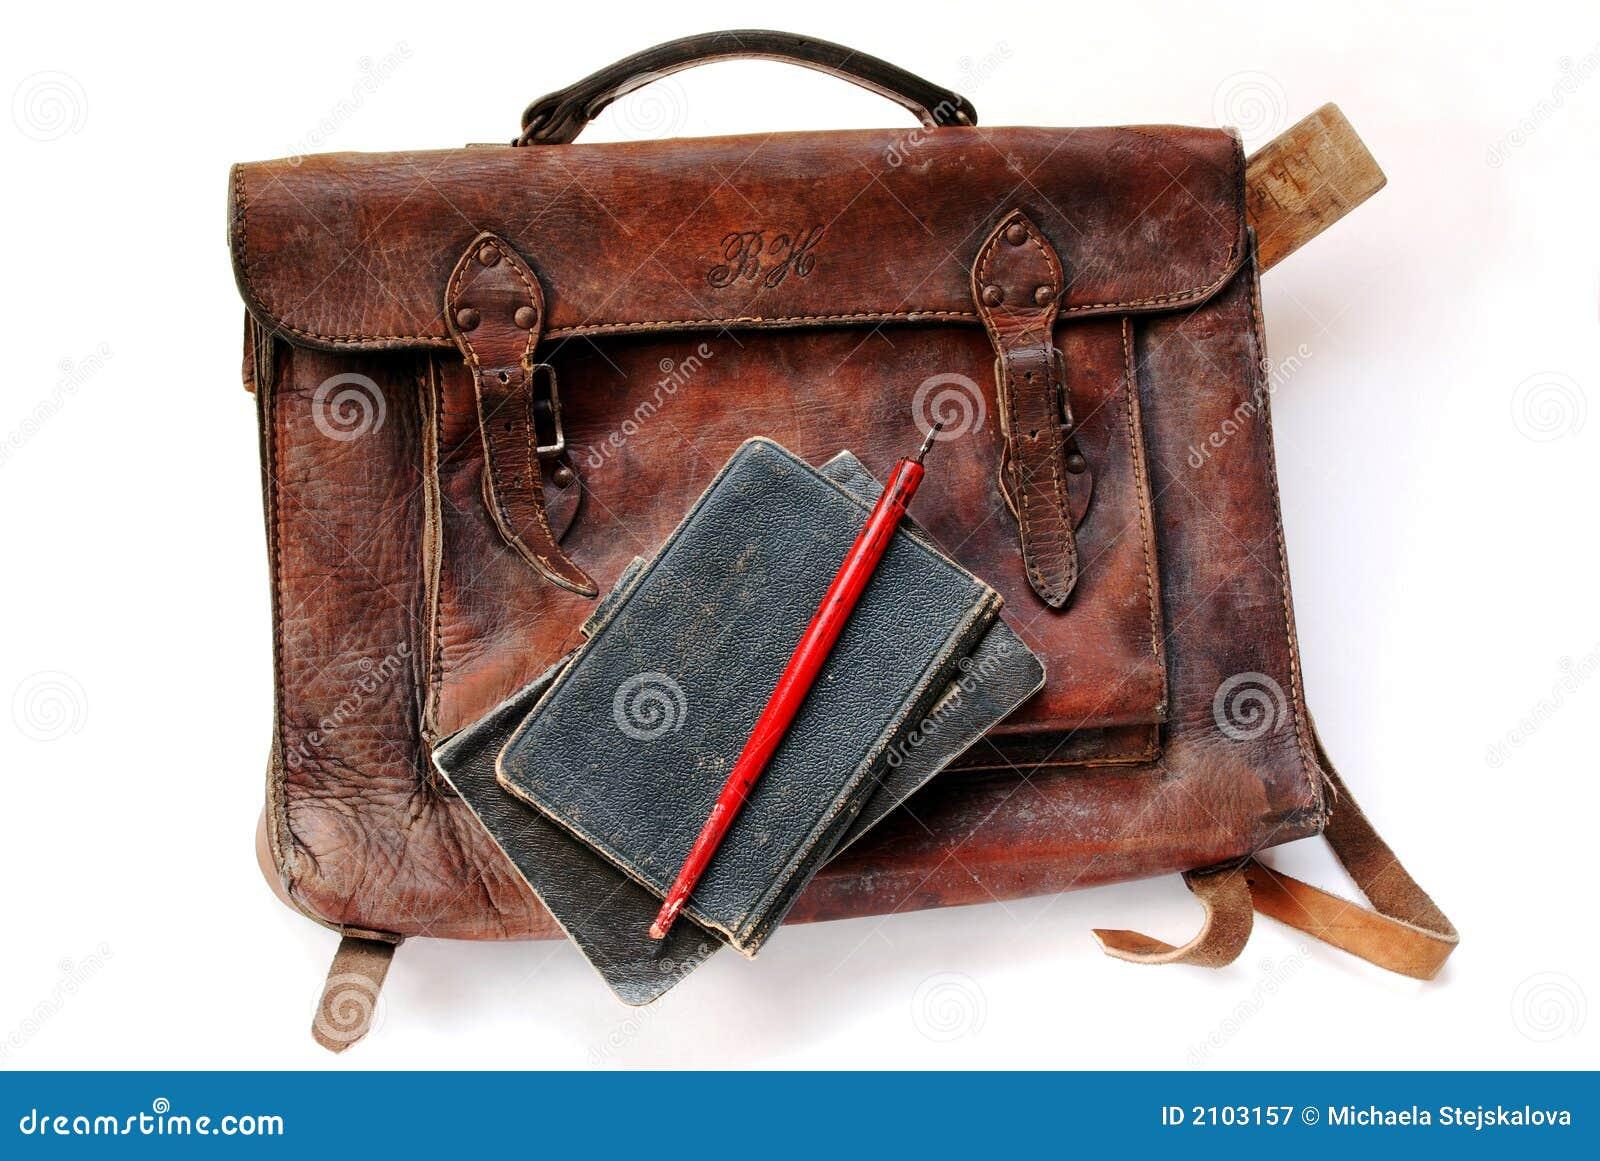 Vintage schoolbag from thirties